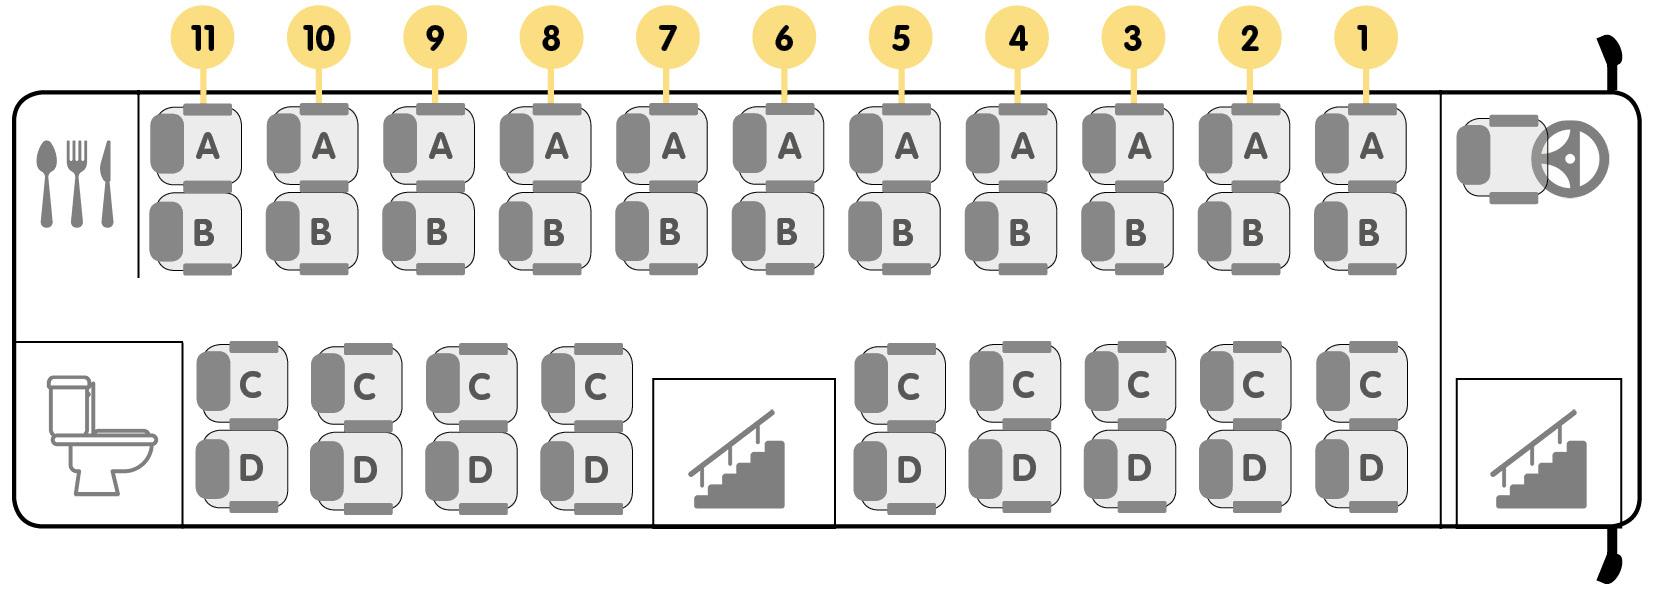 Sitzplatzspiegel_40_Plaetze